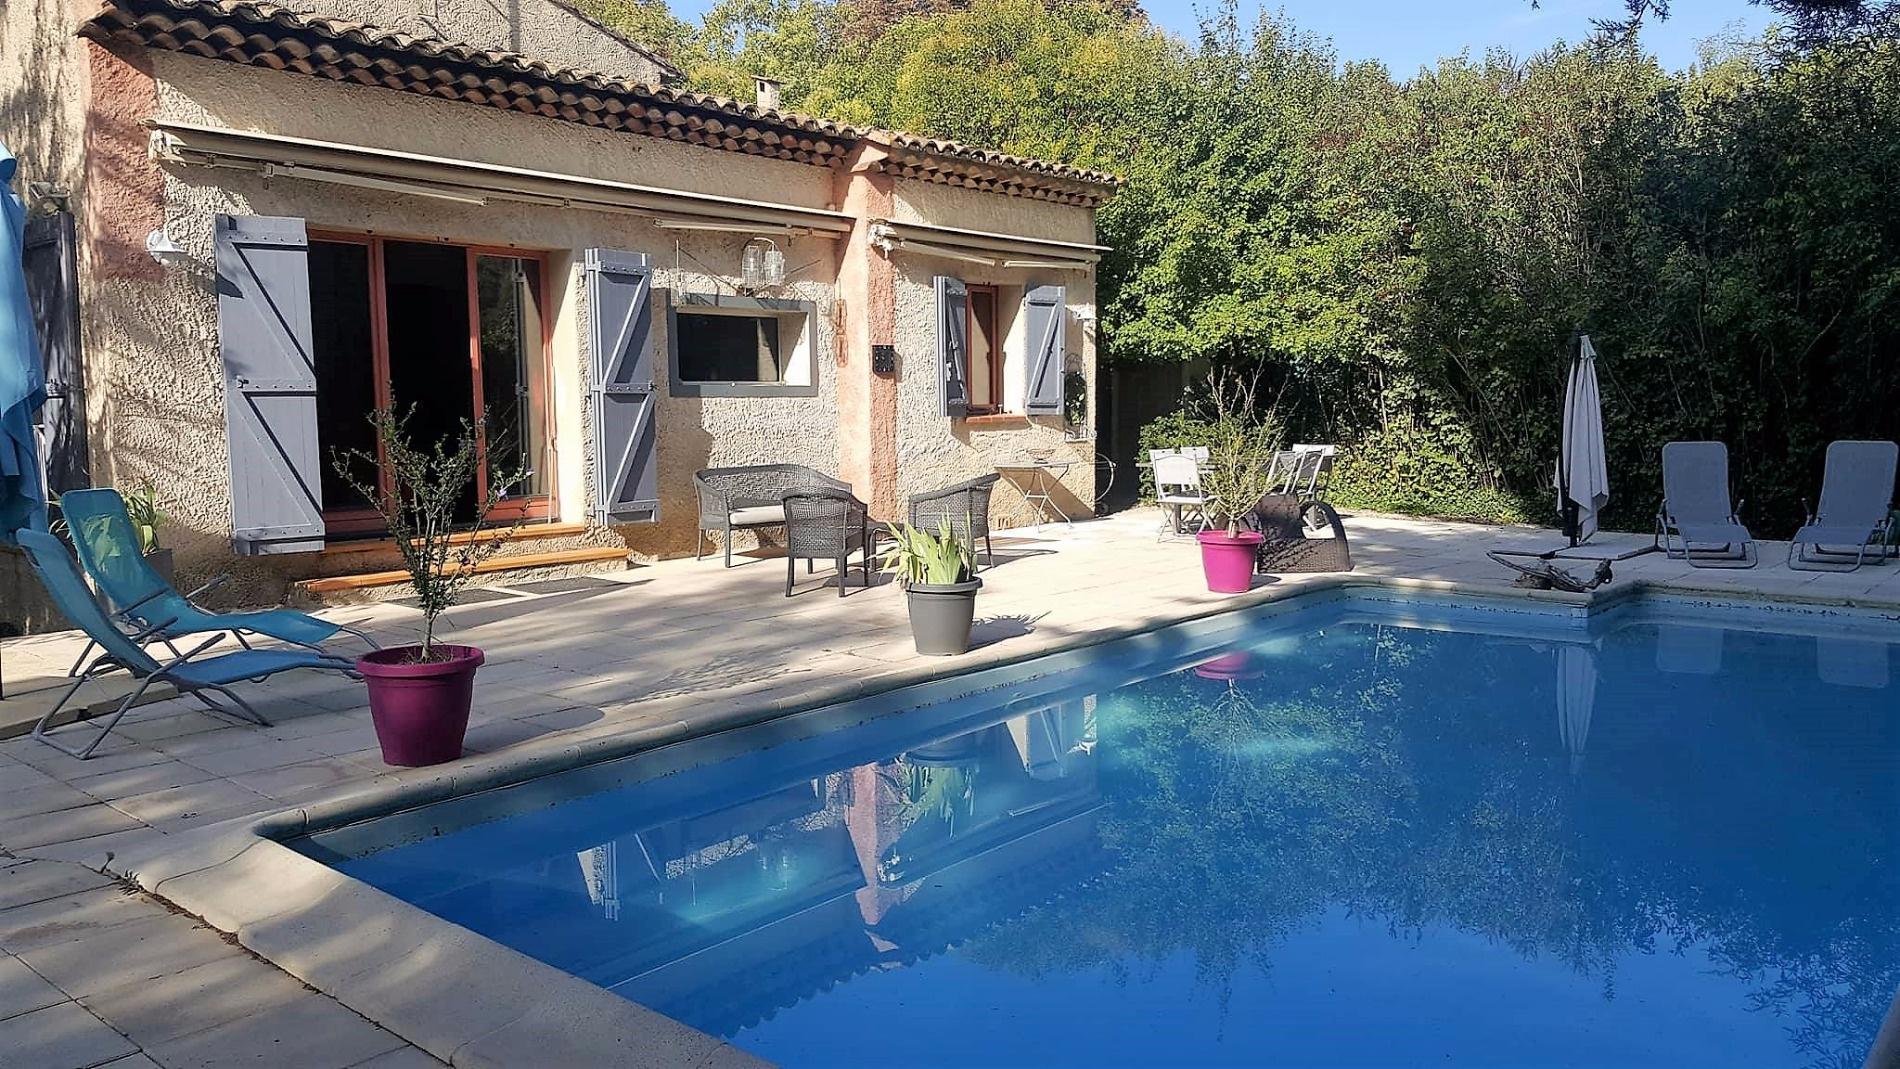 Location de vacances Villa Mirabeau 84120